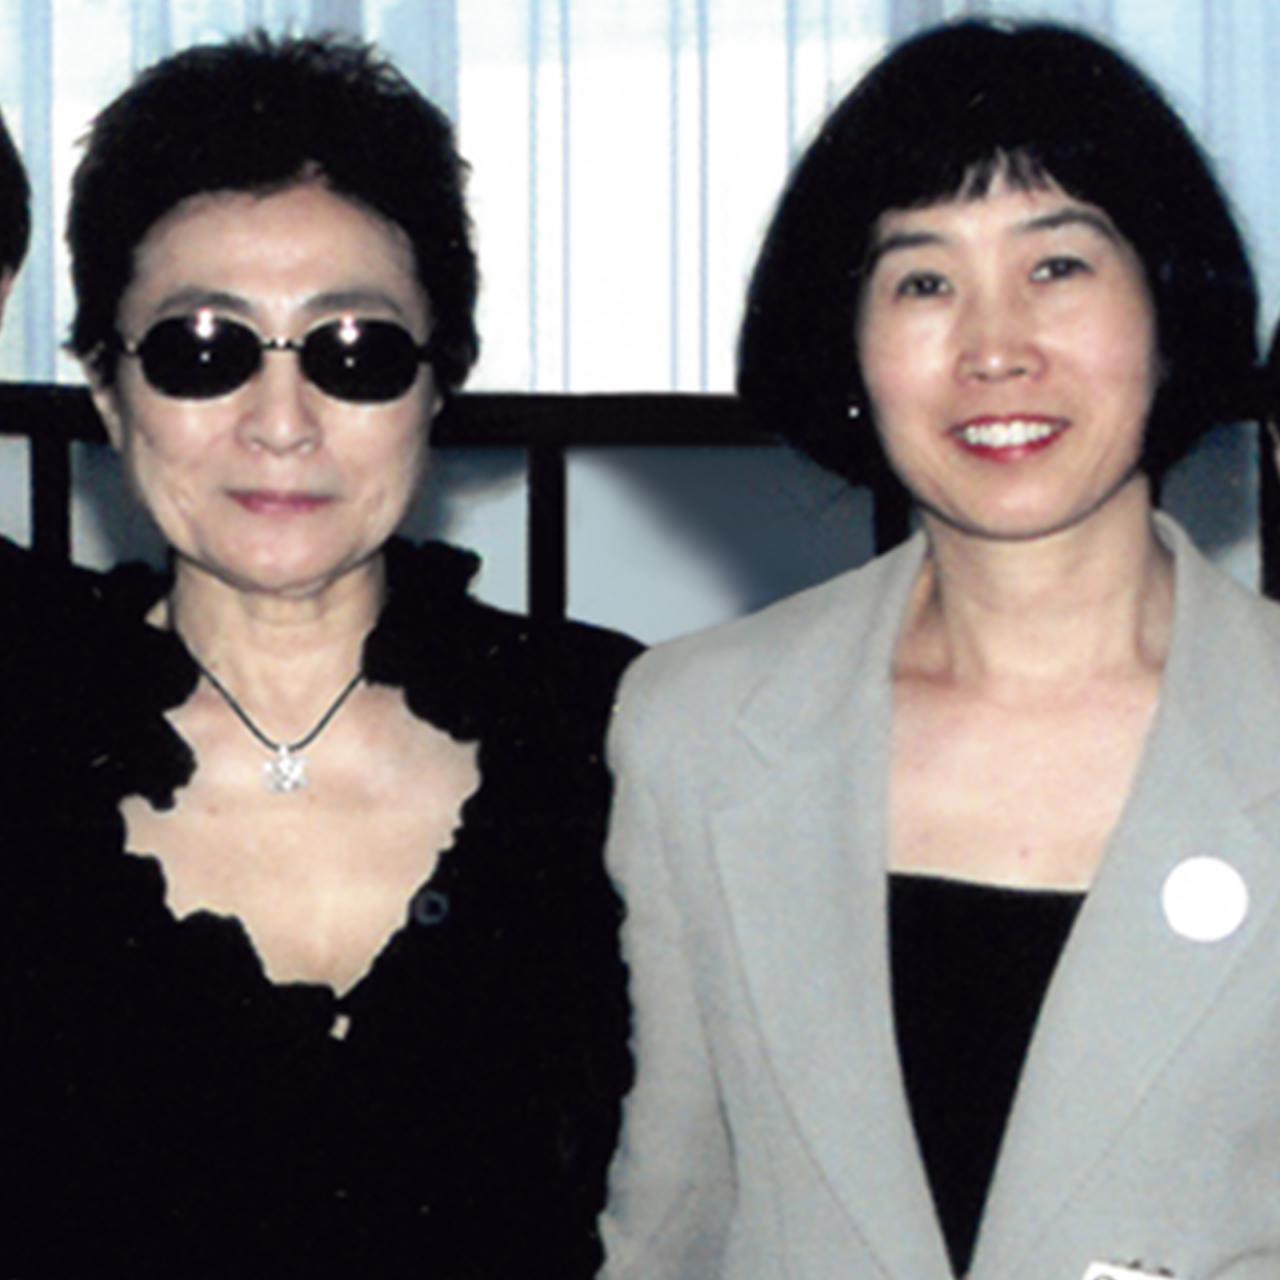 Images : 11番目の画像 - 「ふたりをよく知る4人が語る、 「愛と平和を求め続けた ジョンとヨーコの物語」」のアルバム - T JAPAN:The New York Times Style Magazine 公式サイト